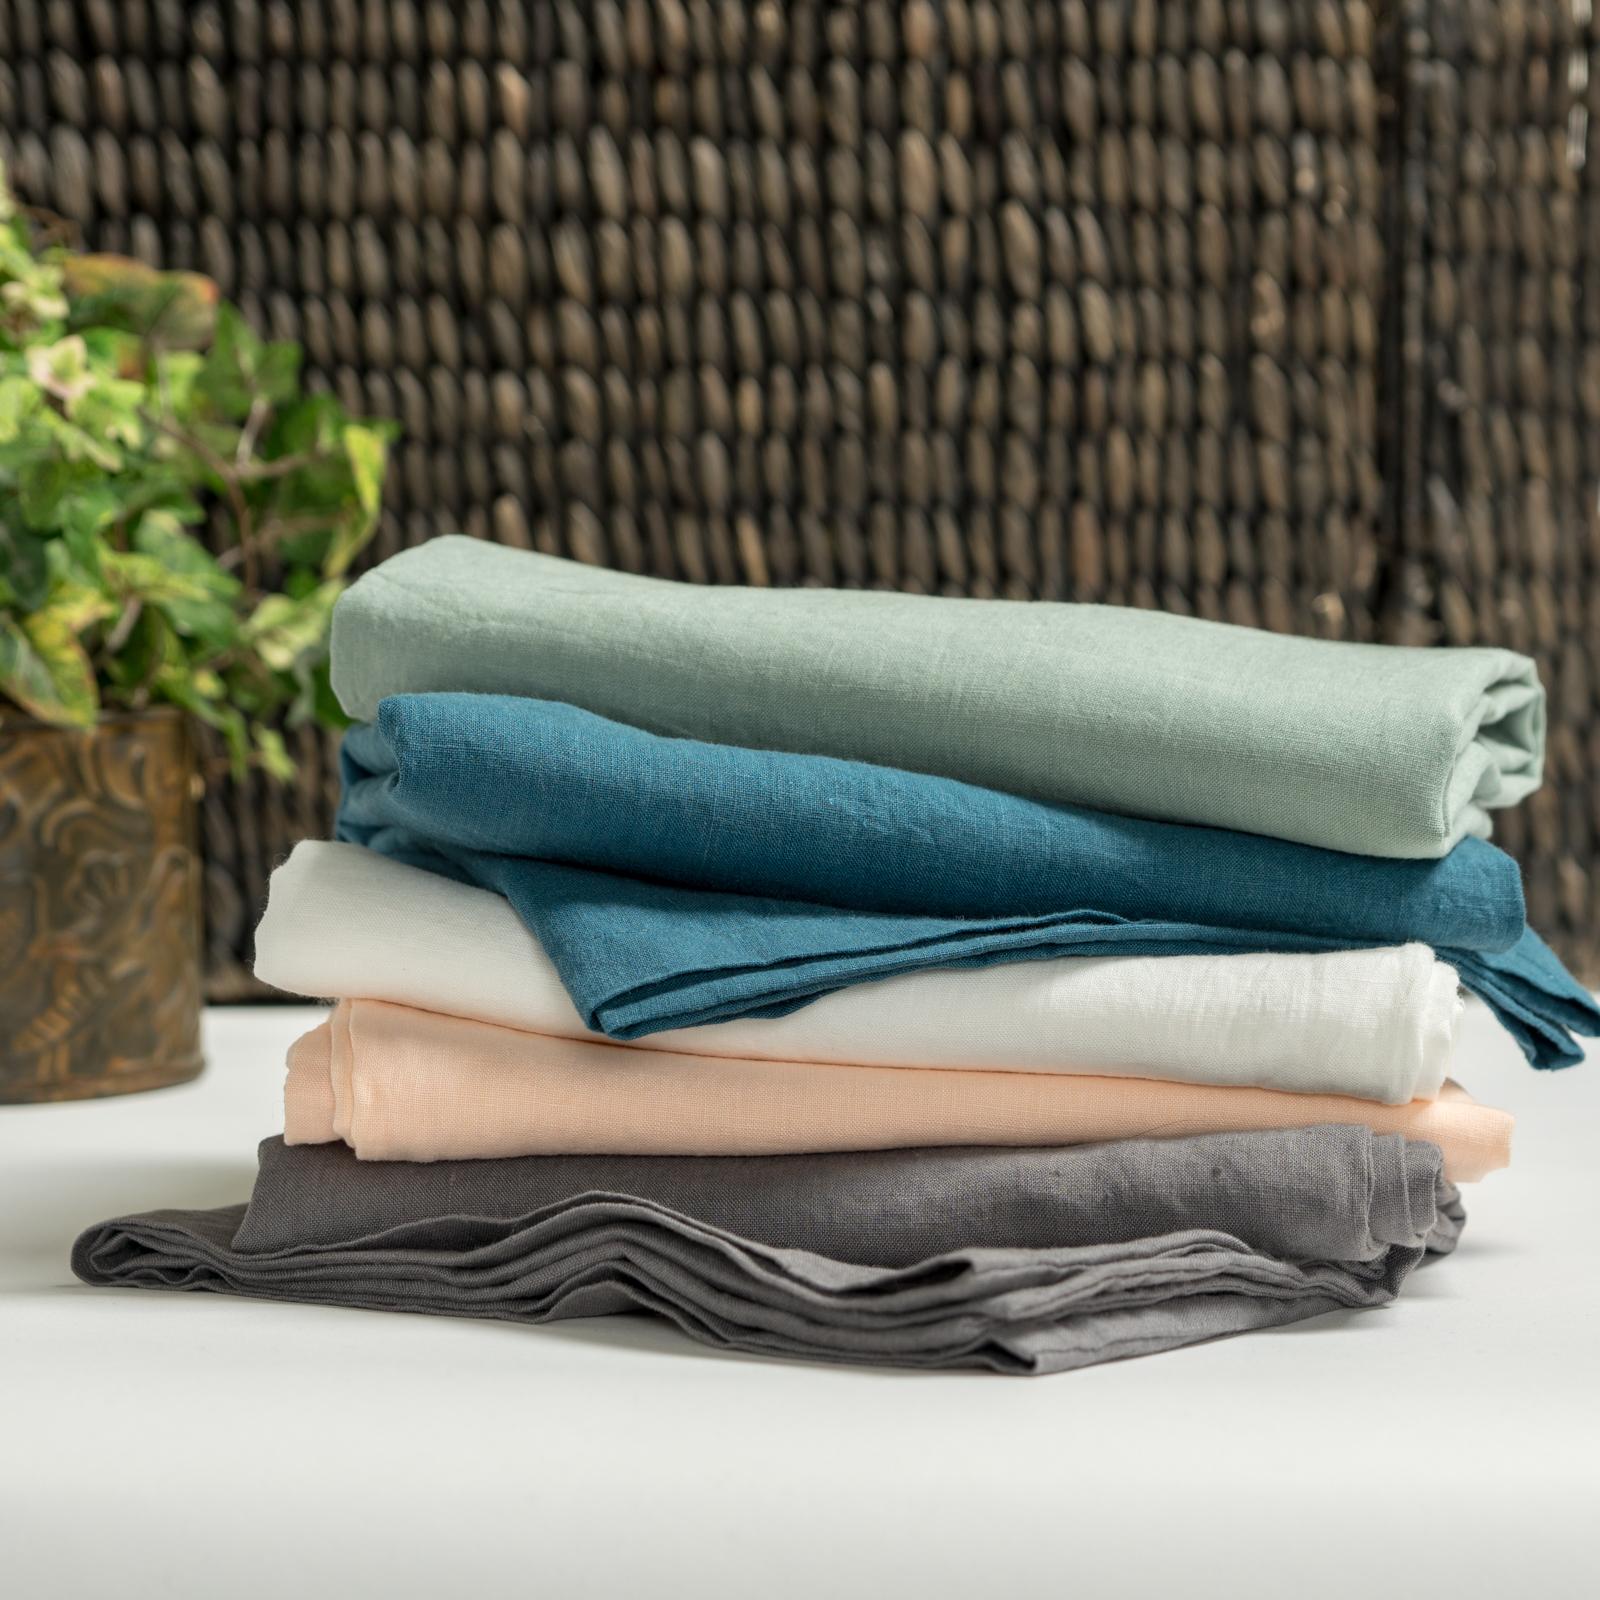 Linen Stack Sheets Pillows